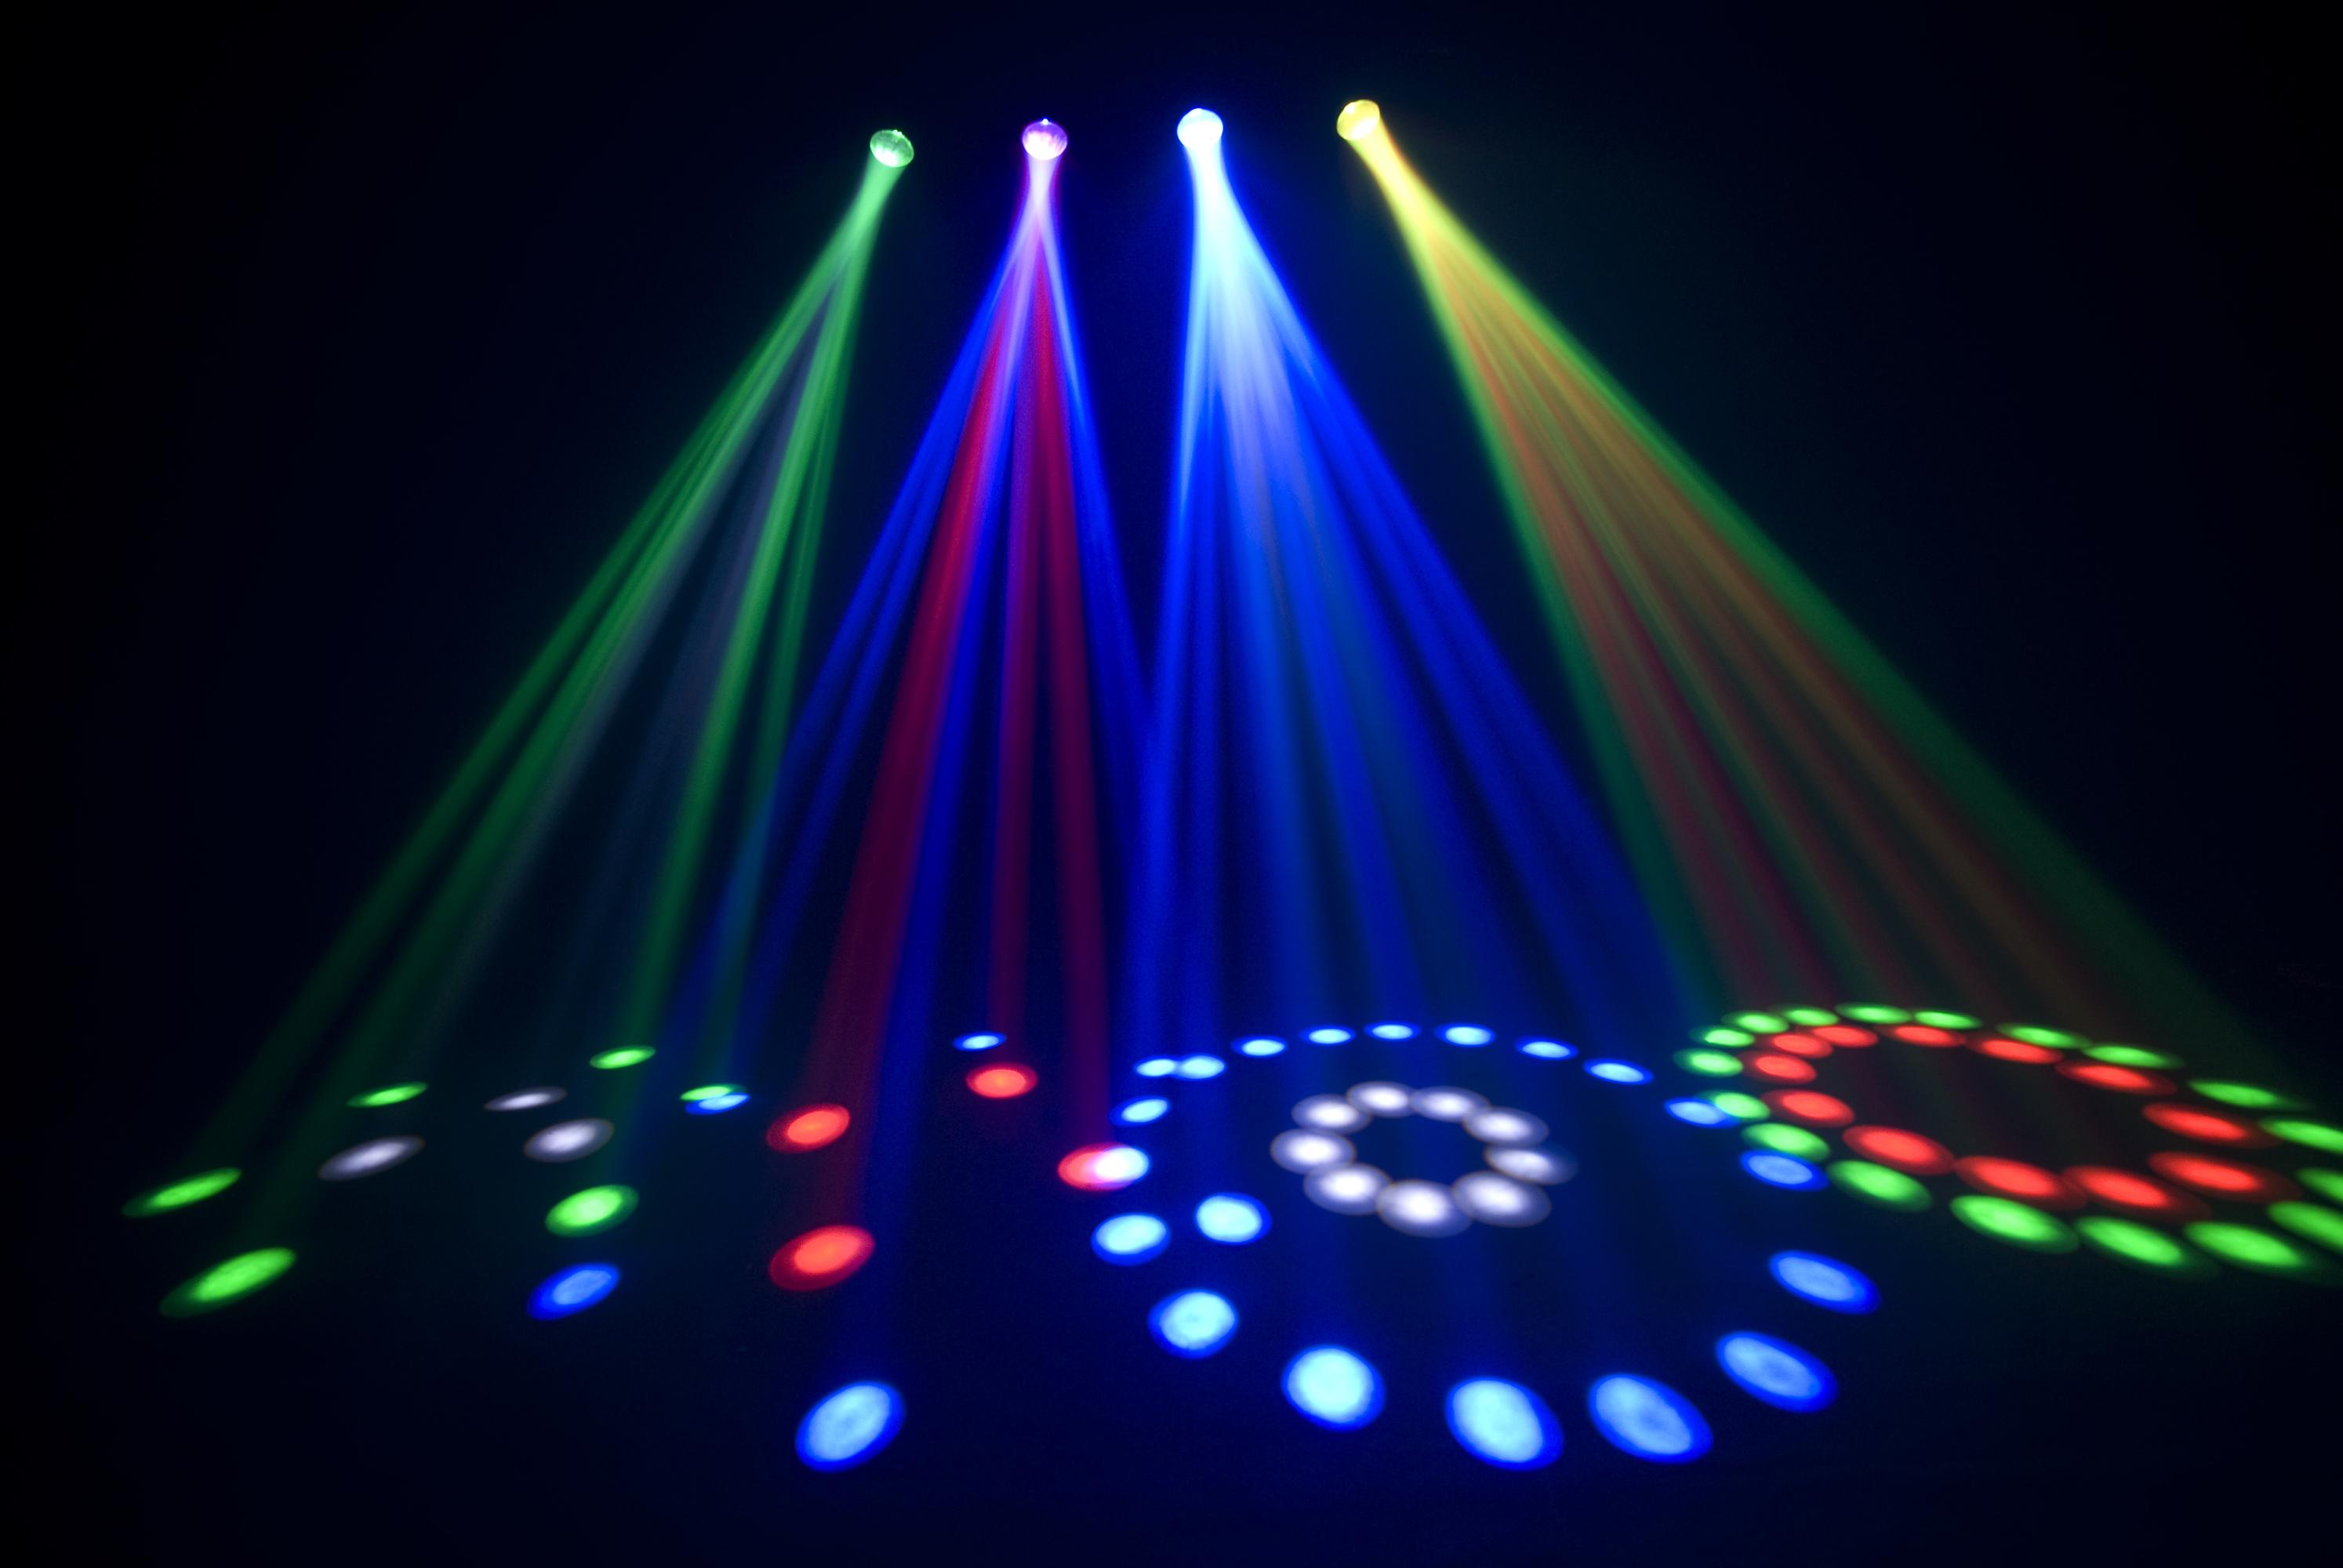 chauvet dj 4play fxpar 9 pack best dj led effect lights package. Black Bedroom Furniture Sets. Home Design Ideas